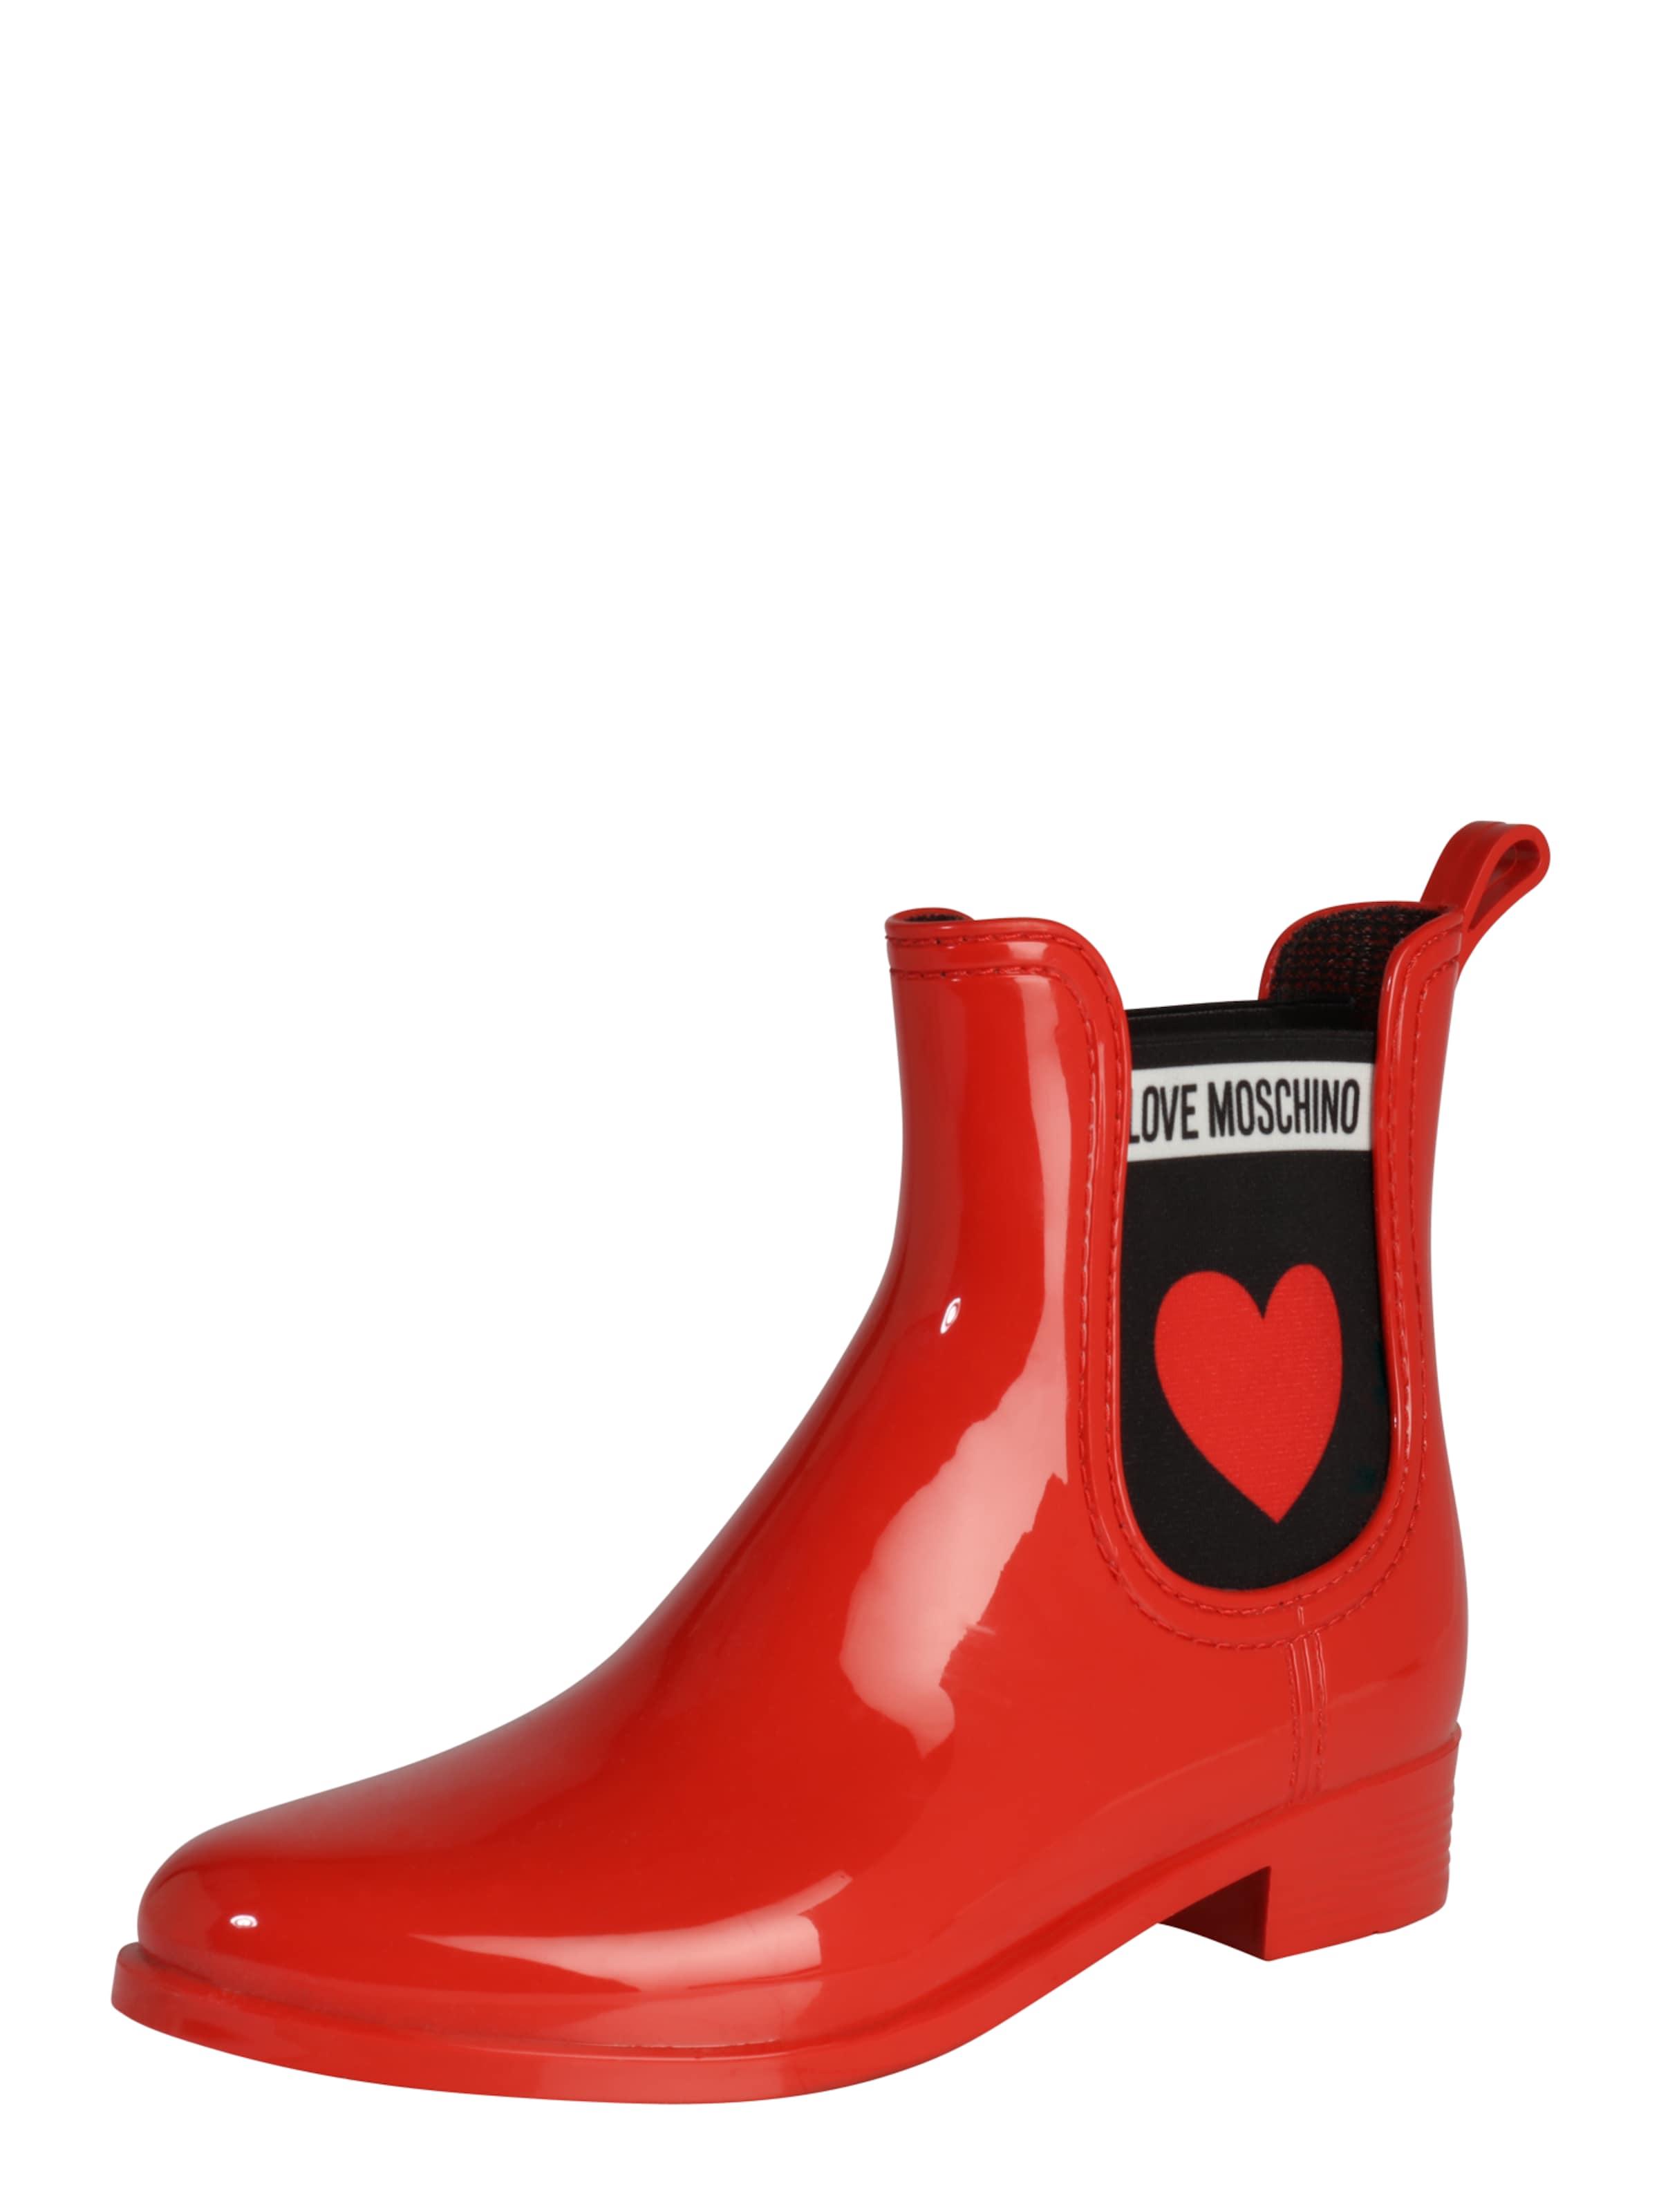 En Bottes 'rain Caoutchouc Love Moschino Rouge Plain' Y67fgvby